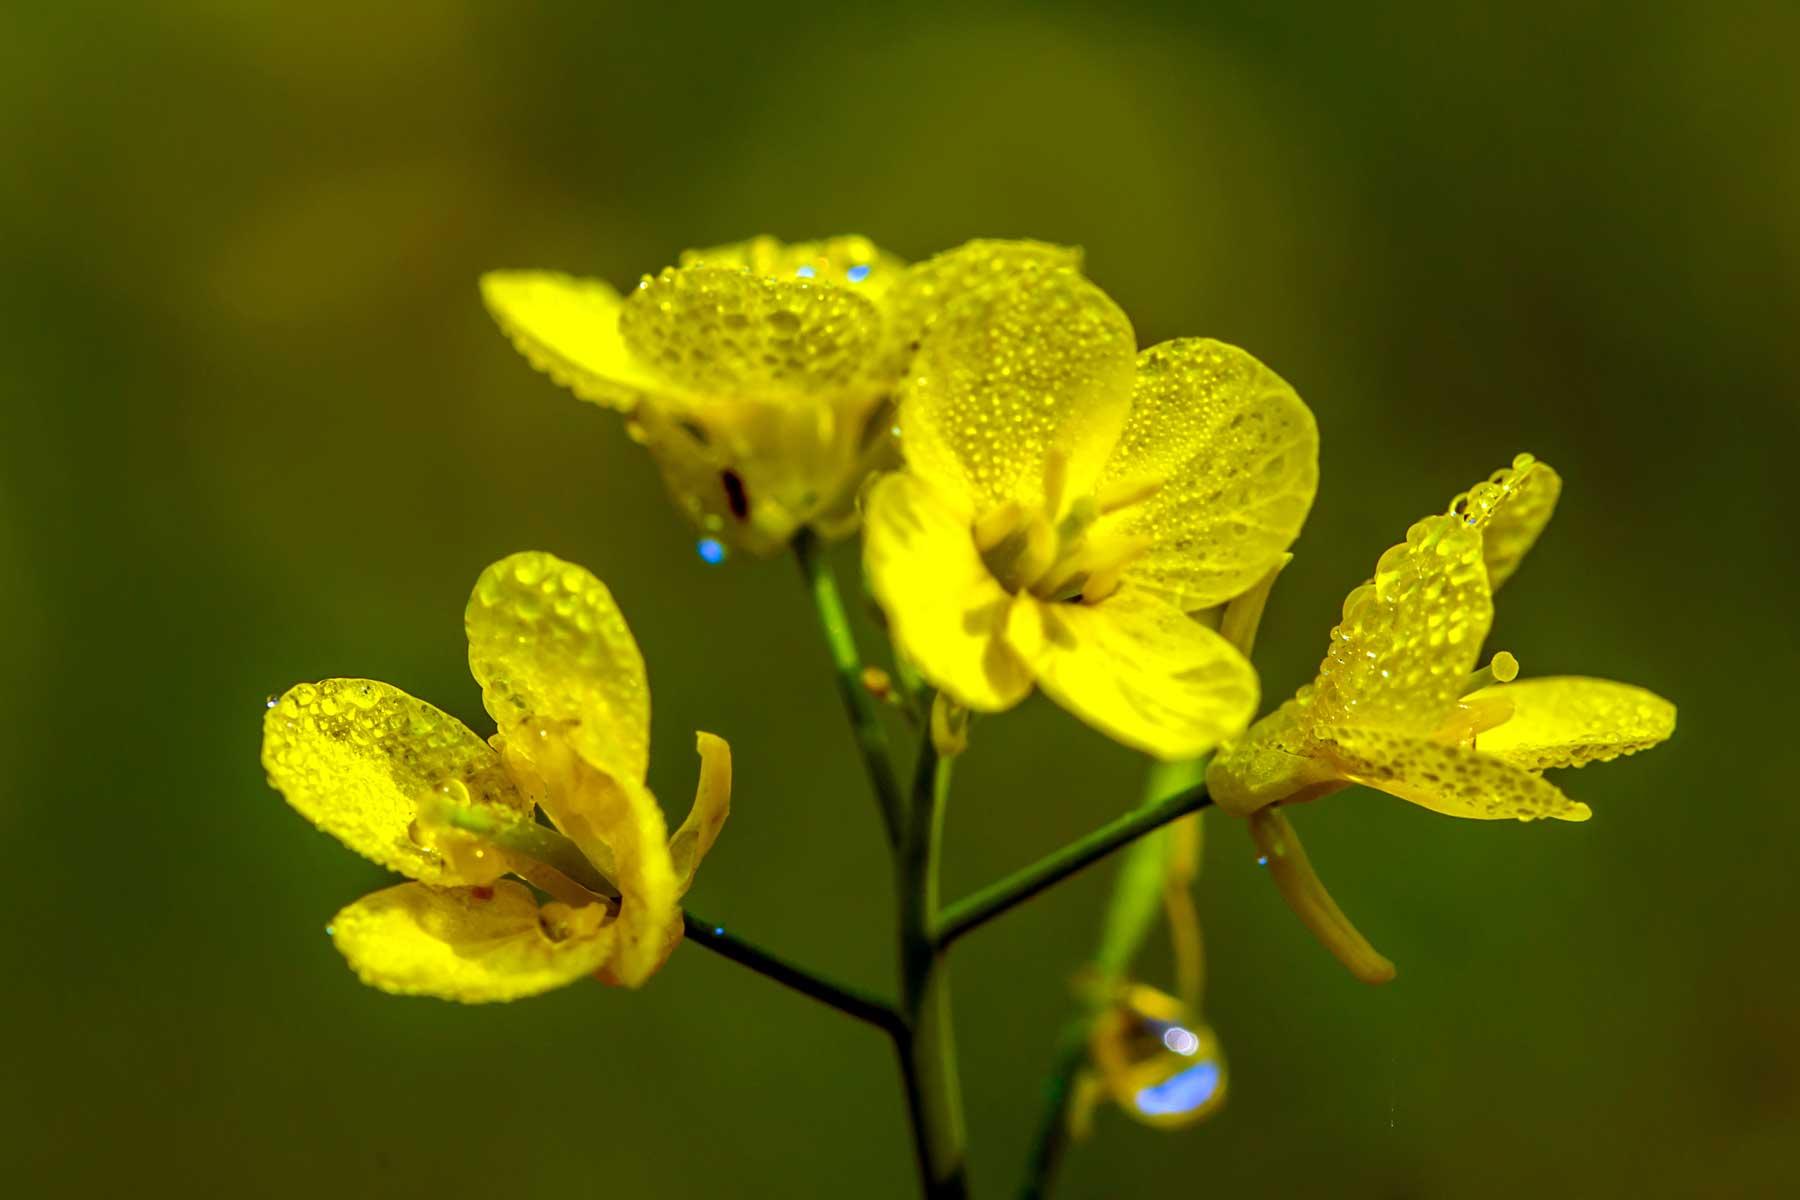 Mustard plant blossom